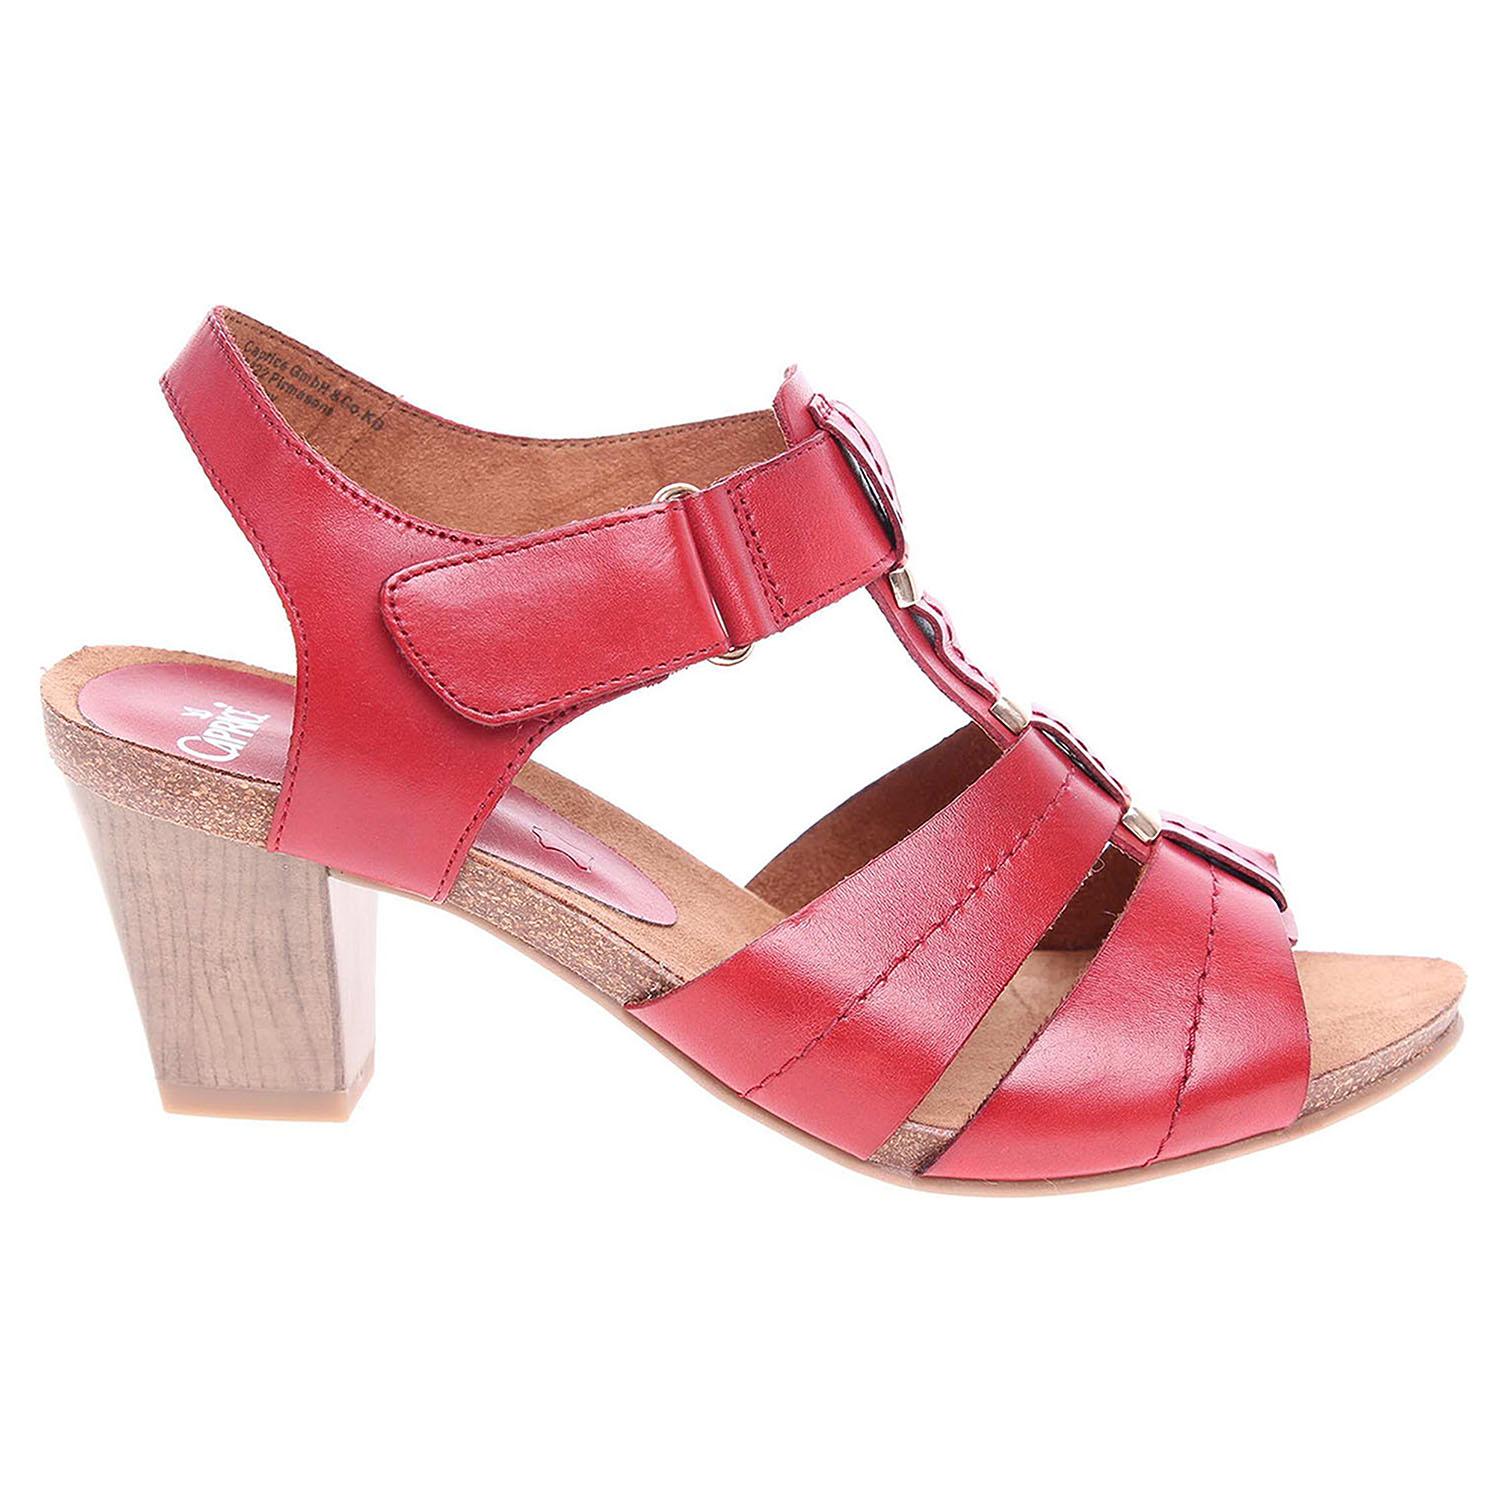 Ecco Caprice dámské sandály 9-28309-28 červené 23801169